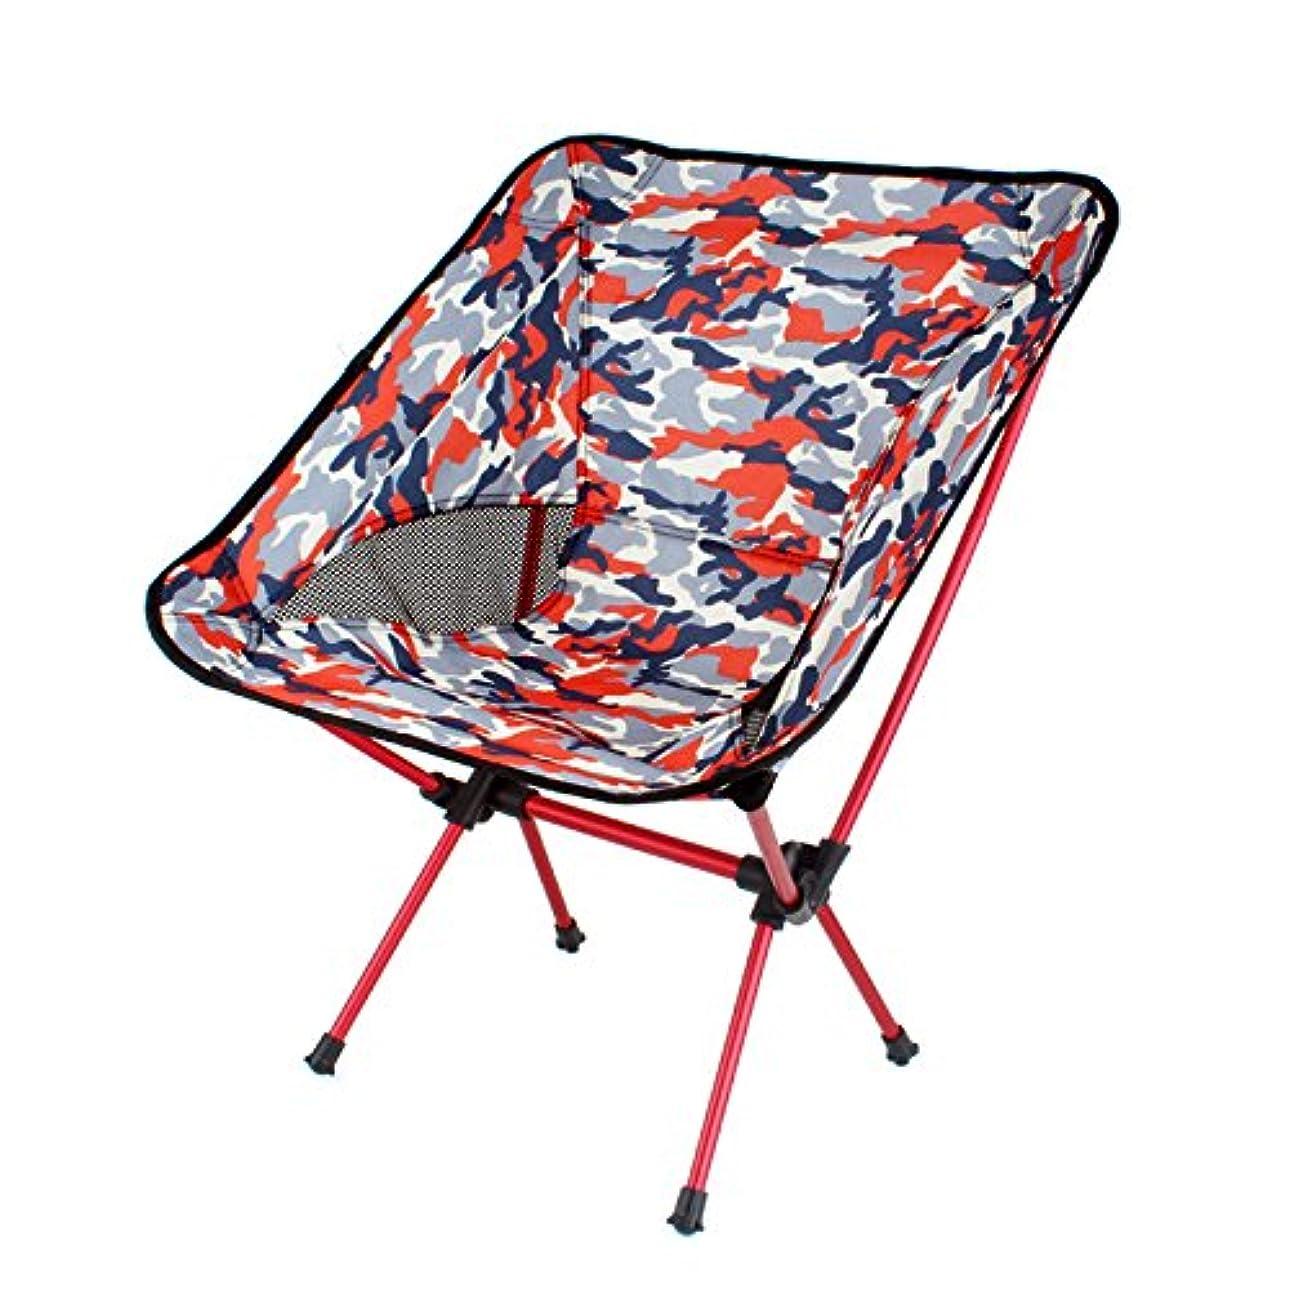 確認してください扇動サイトOstulla ミニ超軽量折りたたみキャンプスツール屋外キャンプ折りたたみ椅子ポータブル折りたたみスツールバーベキューキャンプ釣り旅行、ハイキングガーデンビーチ屋外折りたたみ椅子モバイルチェアコンパクトスツールポータブルバーベキュー/釣り/キャンプ/グリルバーベキュー/ピクニック簡単組み立て強くて丈夫 気配りの行き届いたサービス (Color : Red)